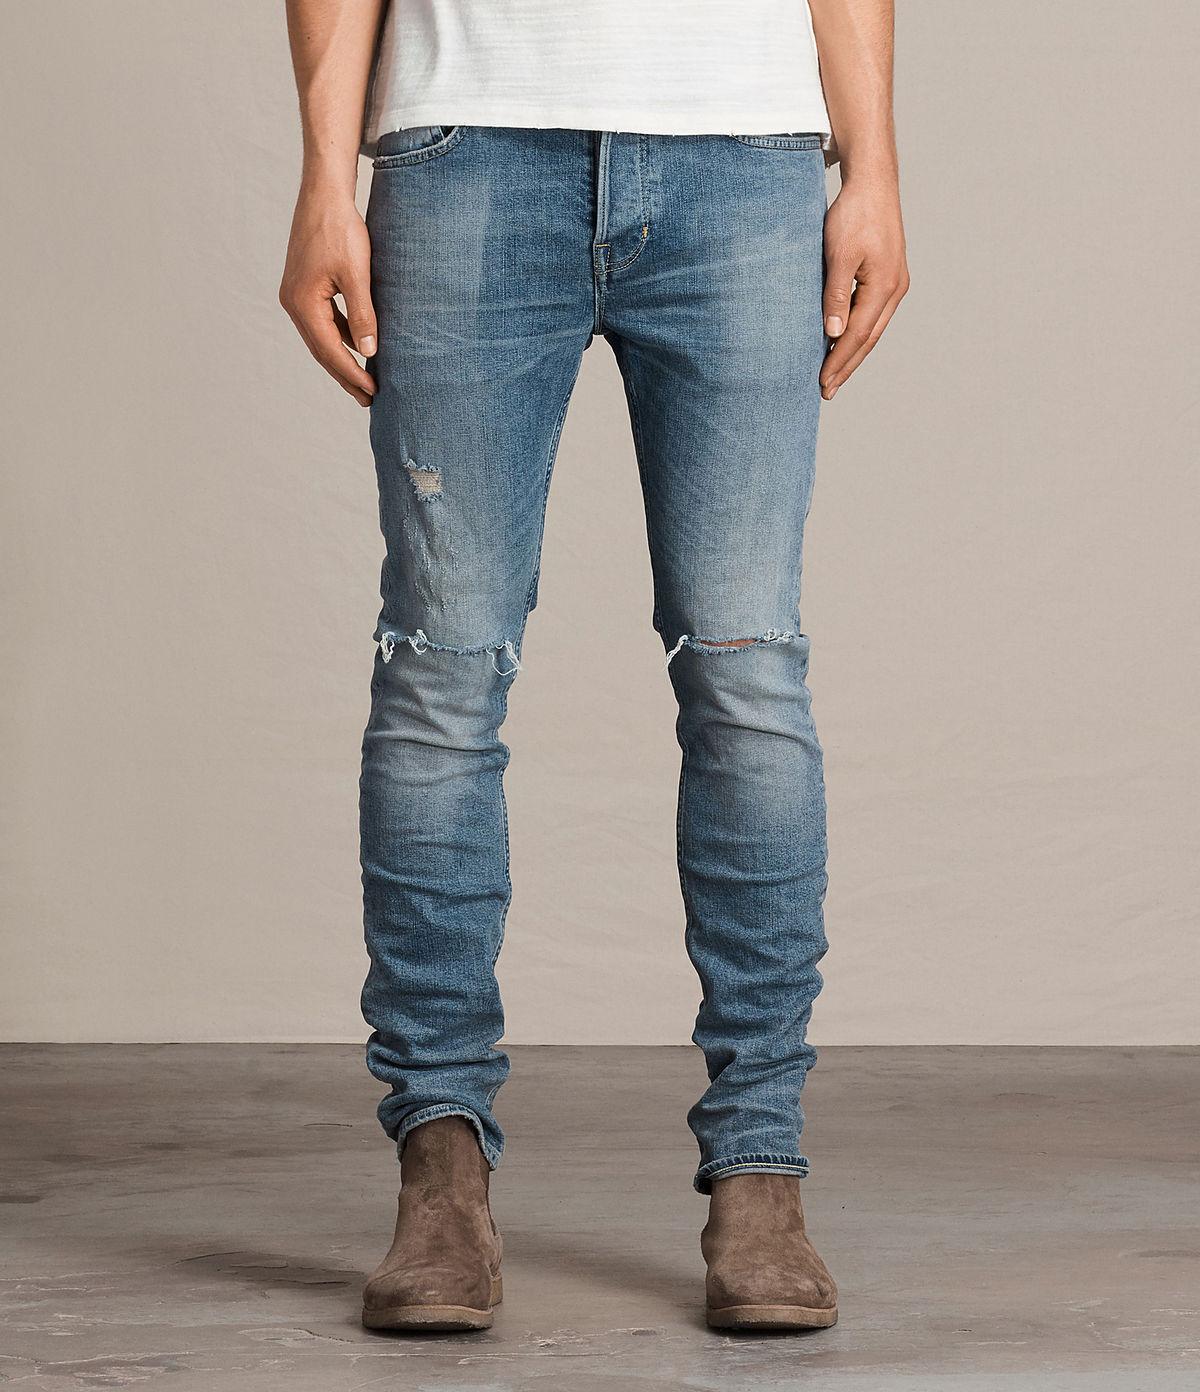 dak-cigarette-jeans